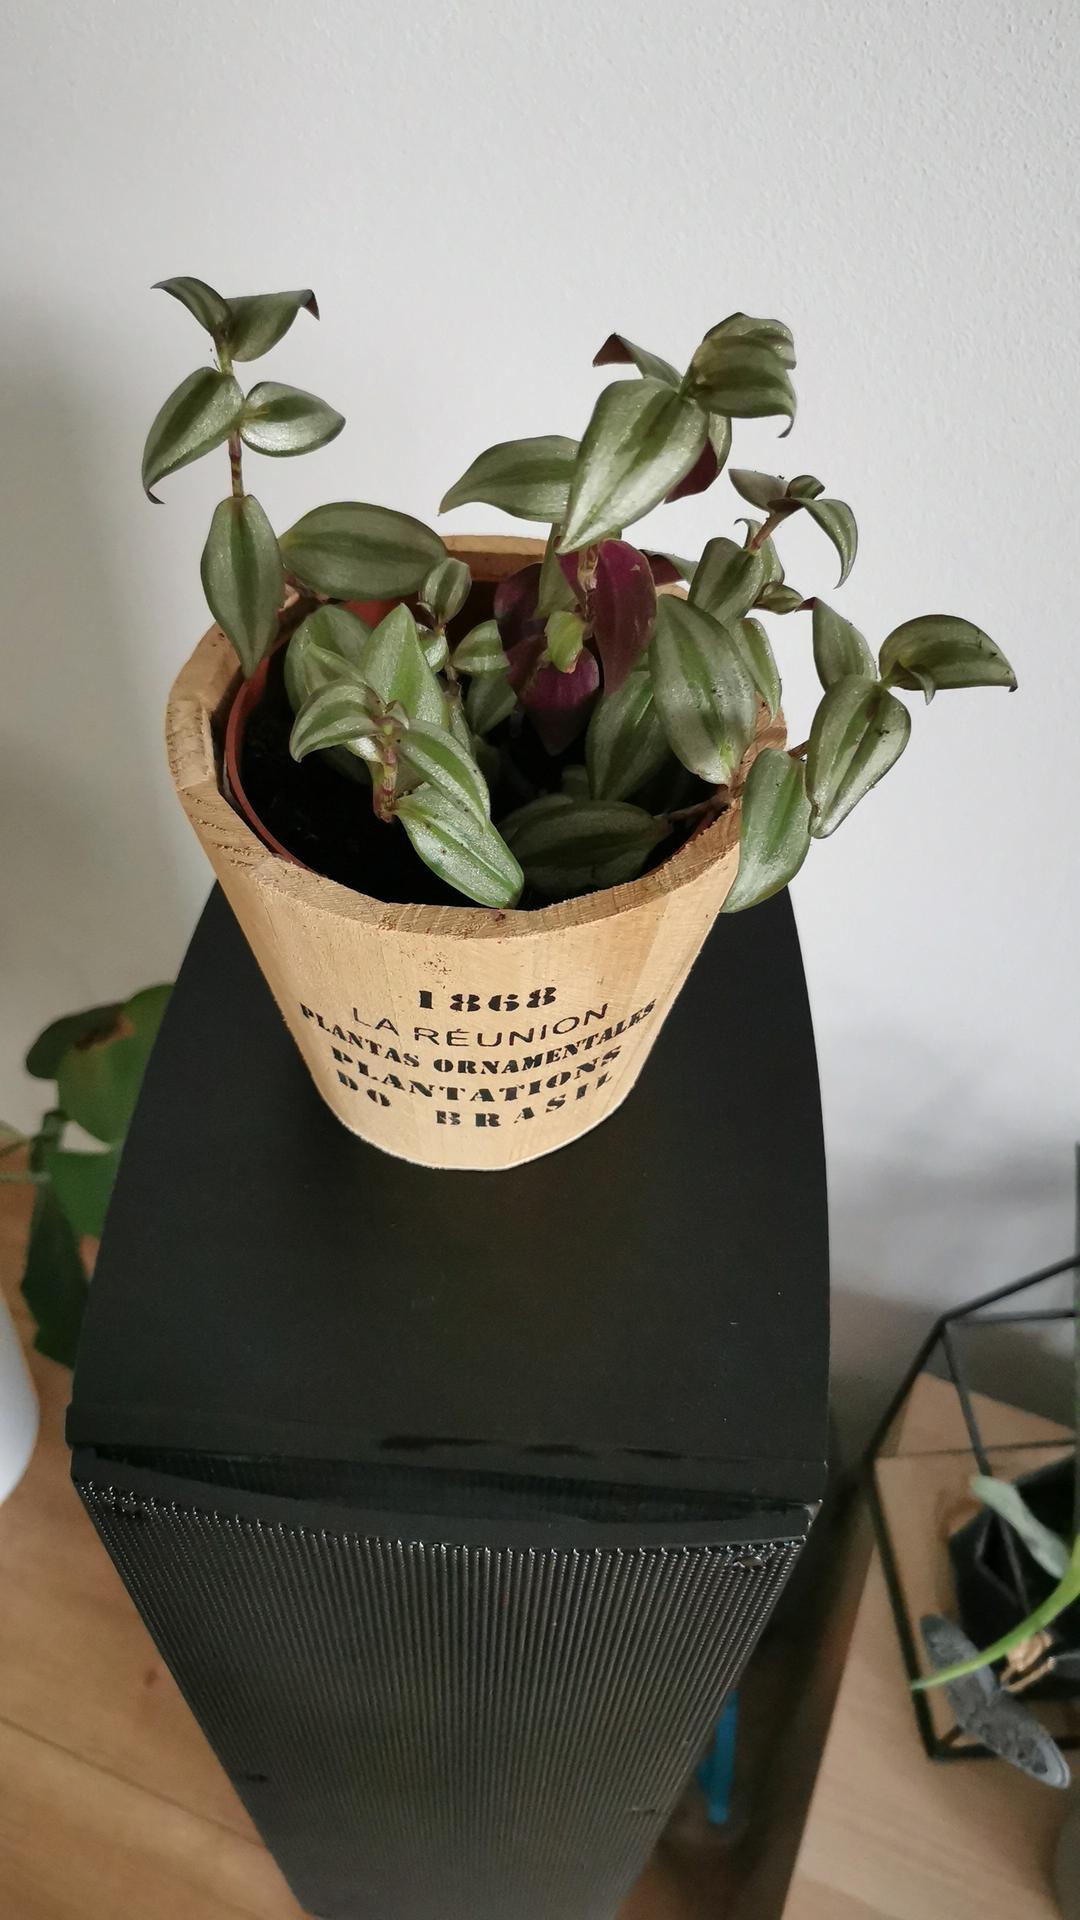 Moje krásne kvetinky - tradescancia zebrina